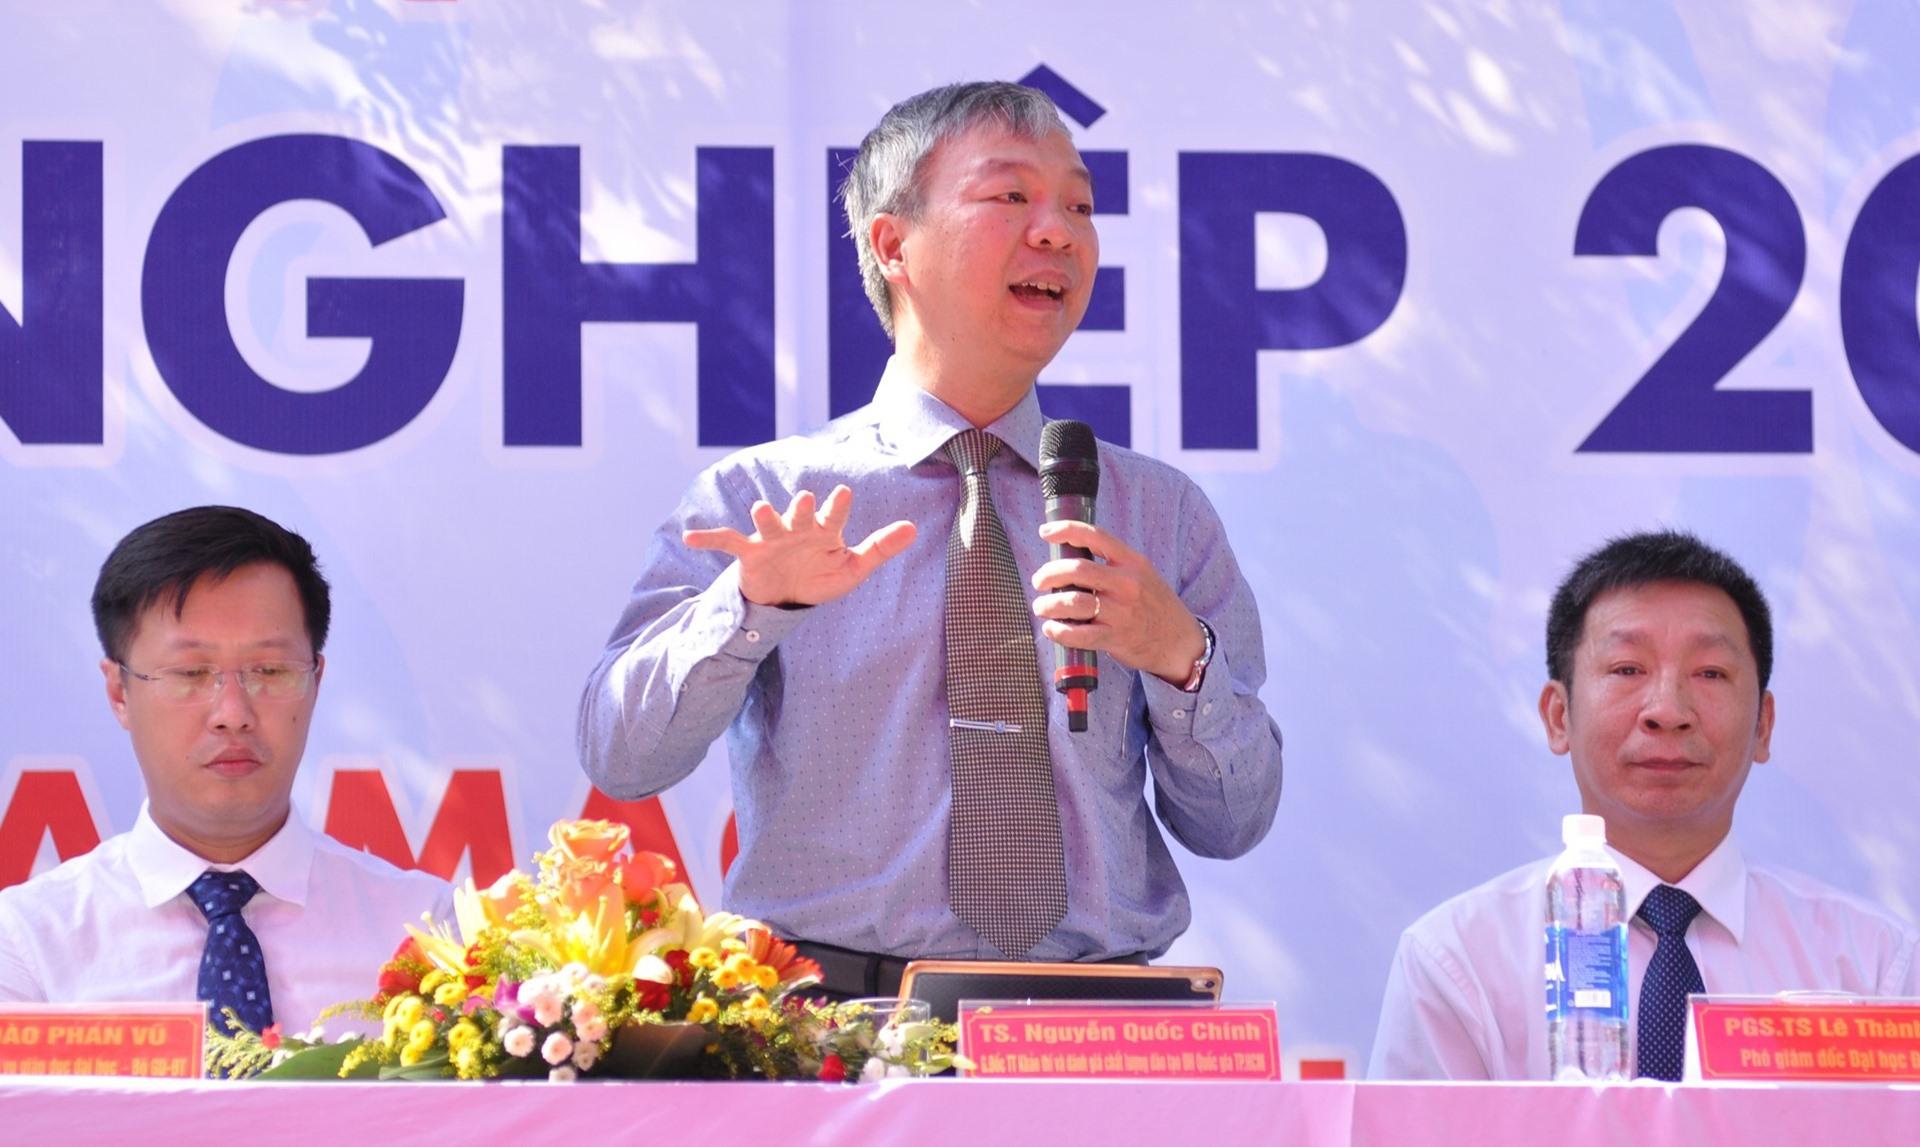 TS. Nguyễn Quốc Chính - Giám đốc Trung tâm Khảo thí và kiểm định chất lượng Đại học Quốc gia TP.Hồ Chí Minh giải đáp băn khoăn của HS. Ảnh: X.P